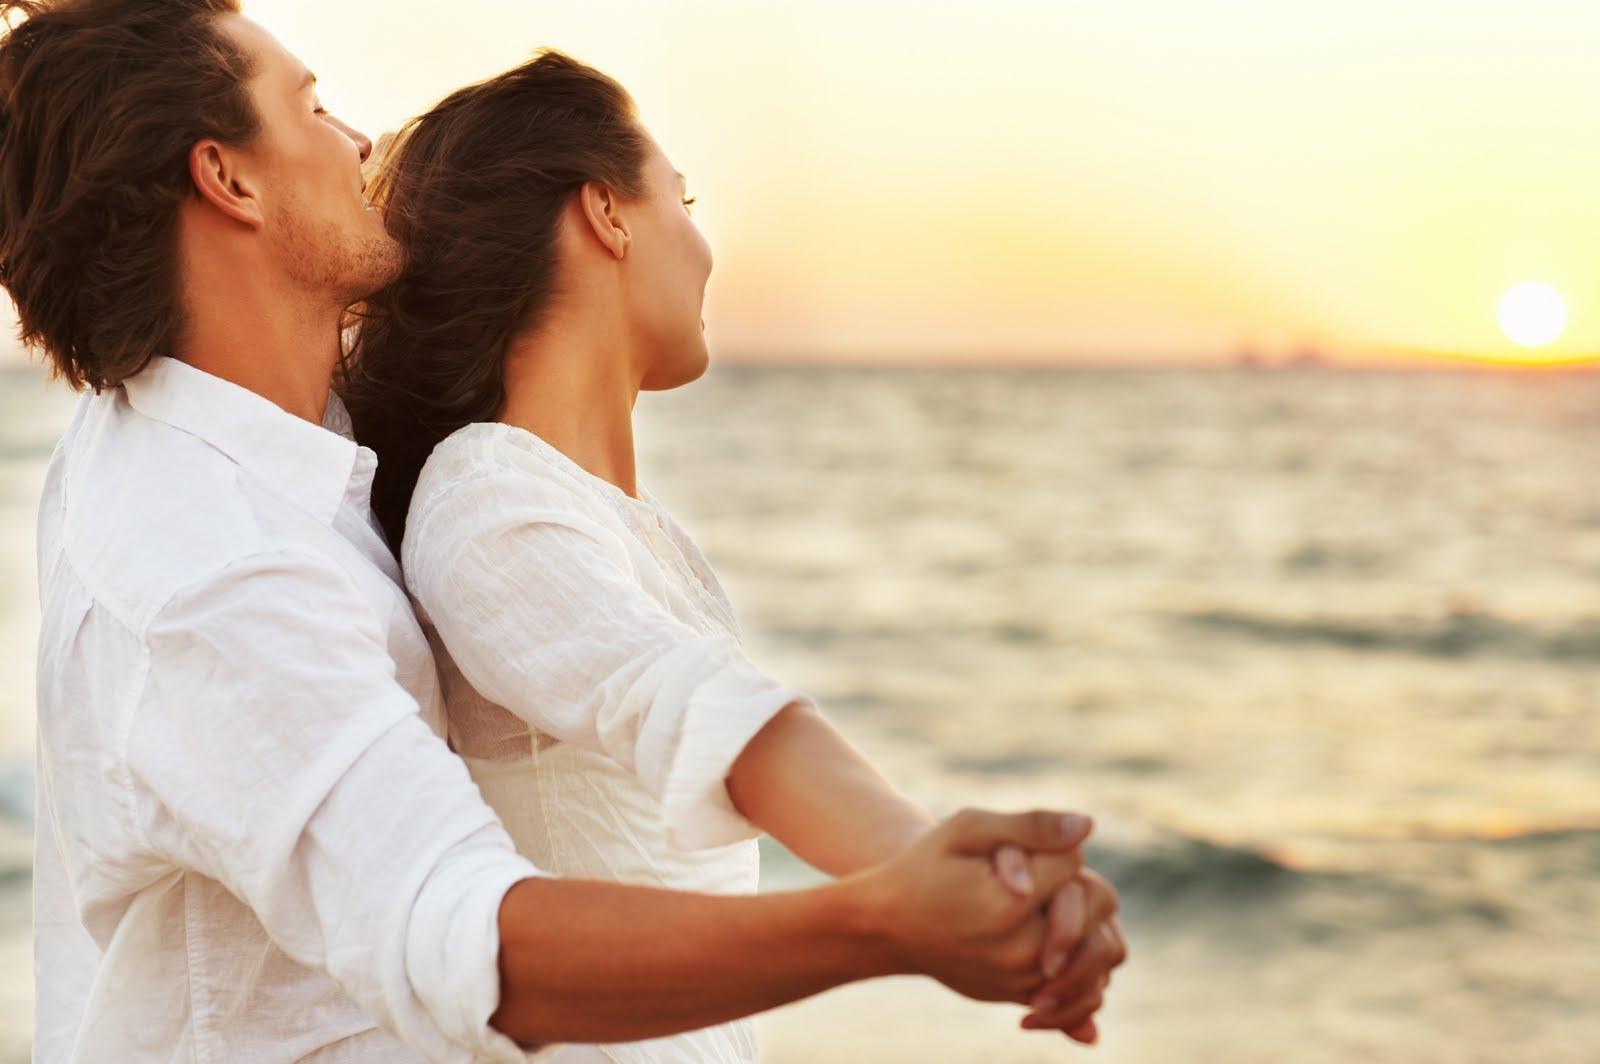 – Ciência comprova: relações que duram mais dependem de 2 coisas básicas…